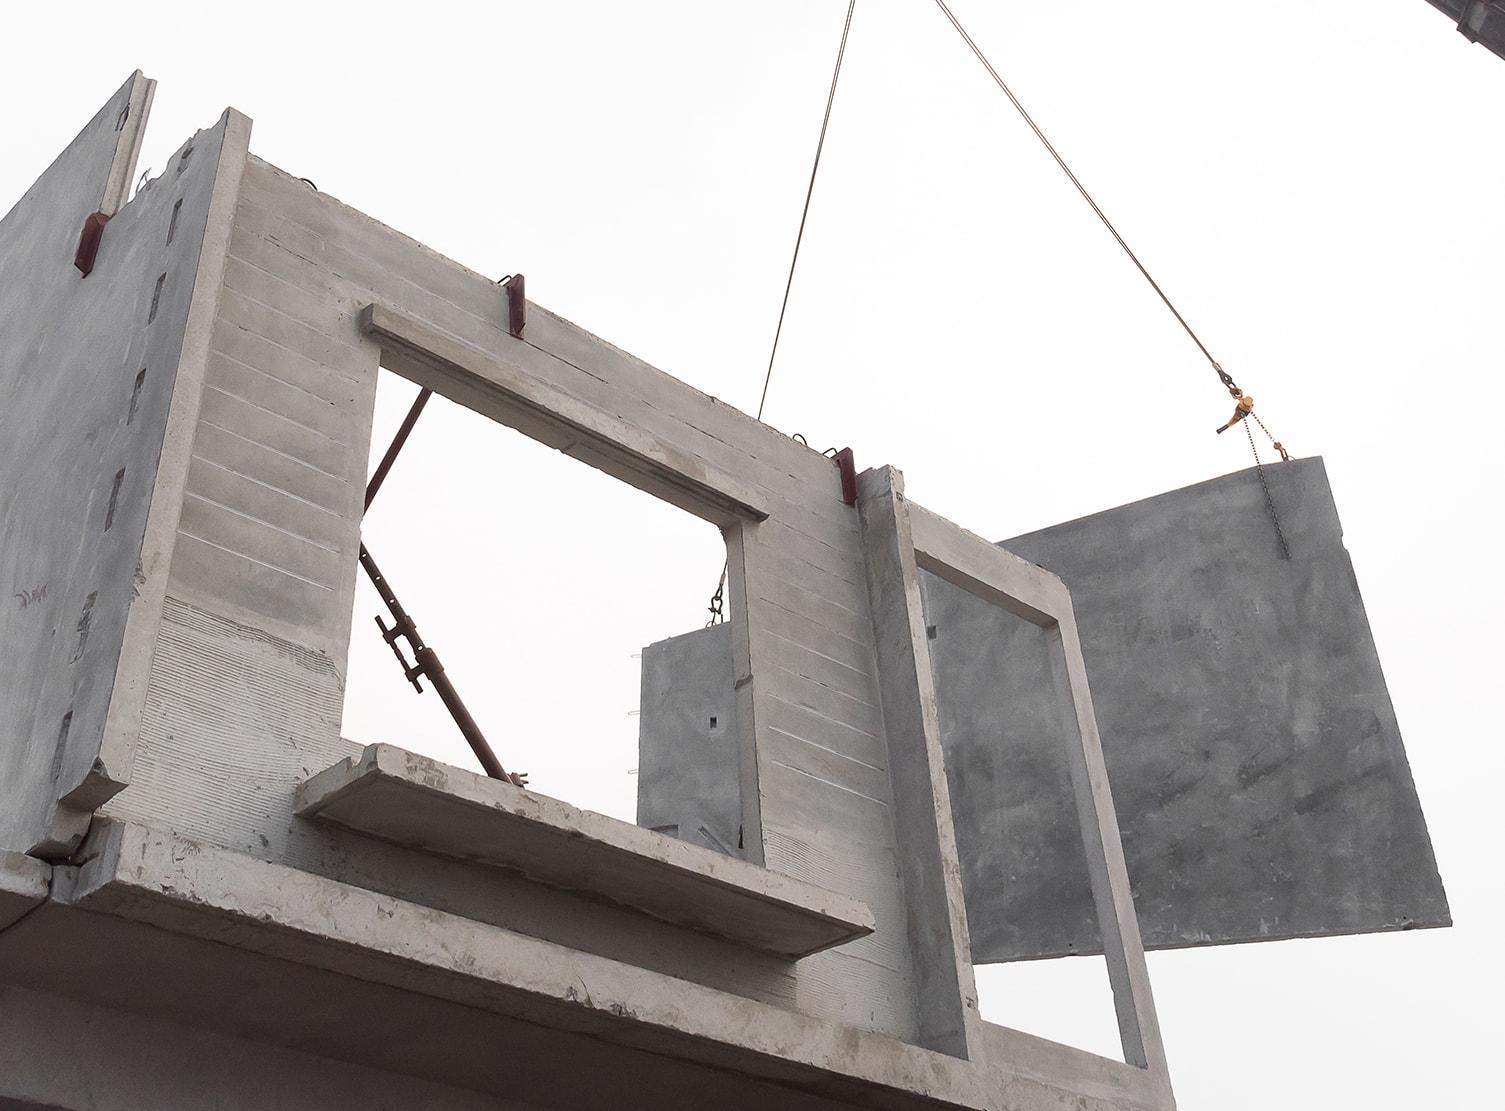 crane lifting precast walls